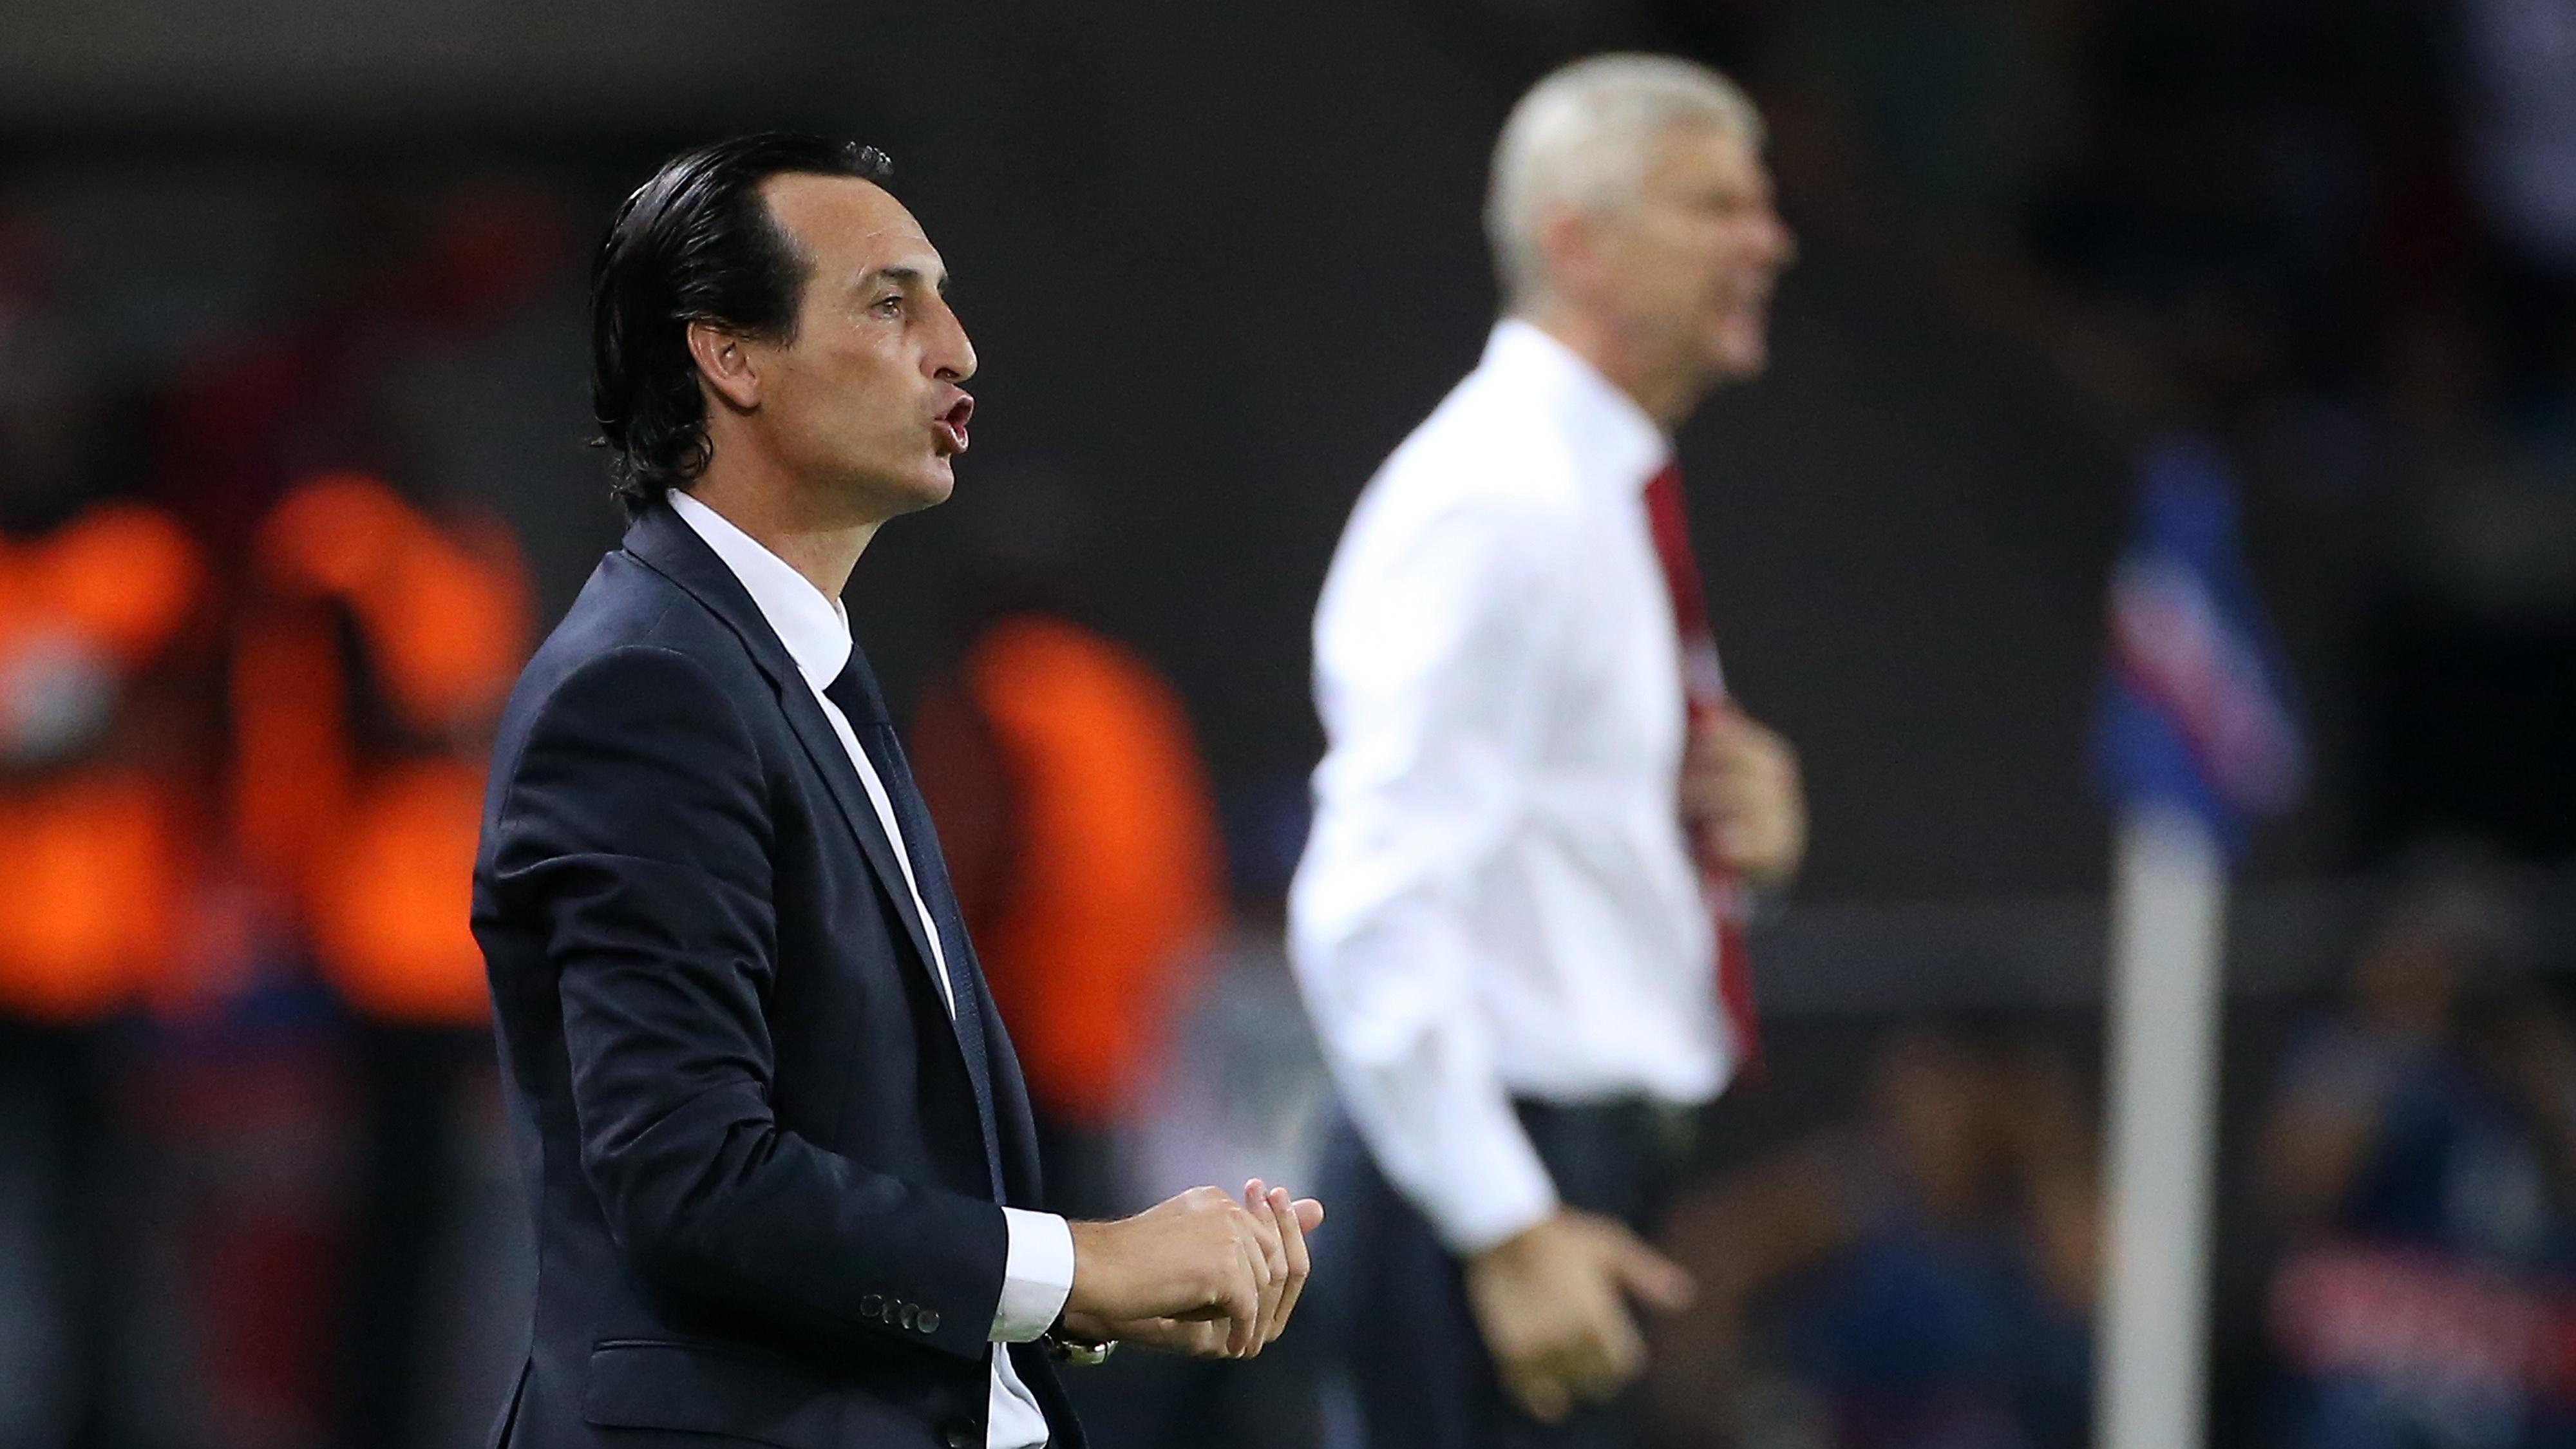 Unai Emery PSG Arsene Wenger Arsenal